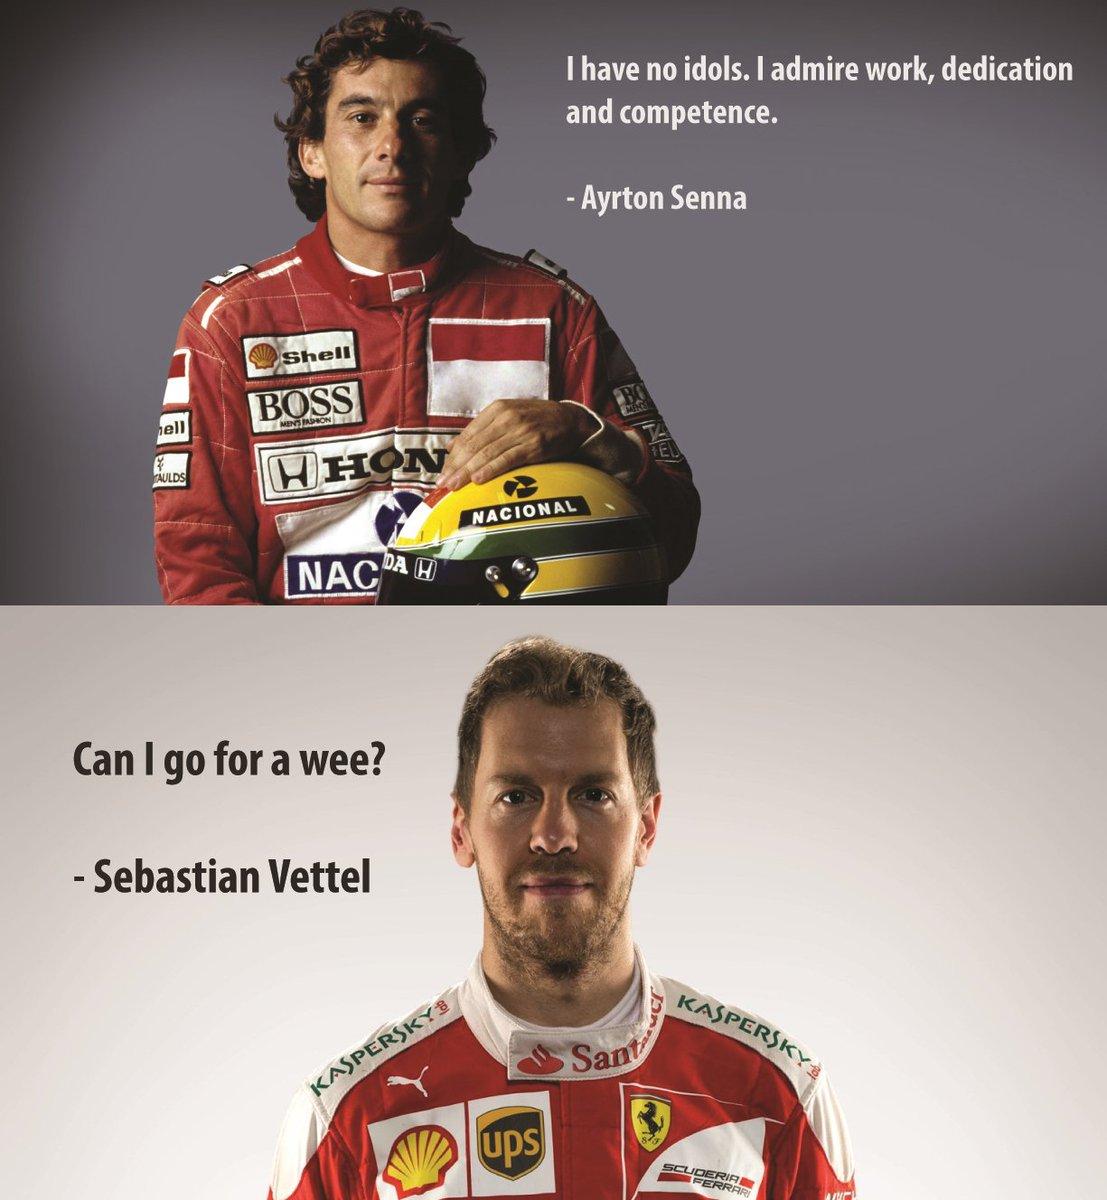 Les images insolites de la F1 Cv9chJOWEAA_OxS